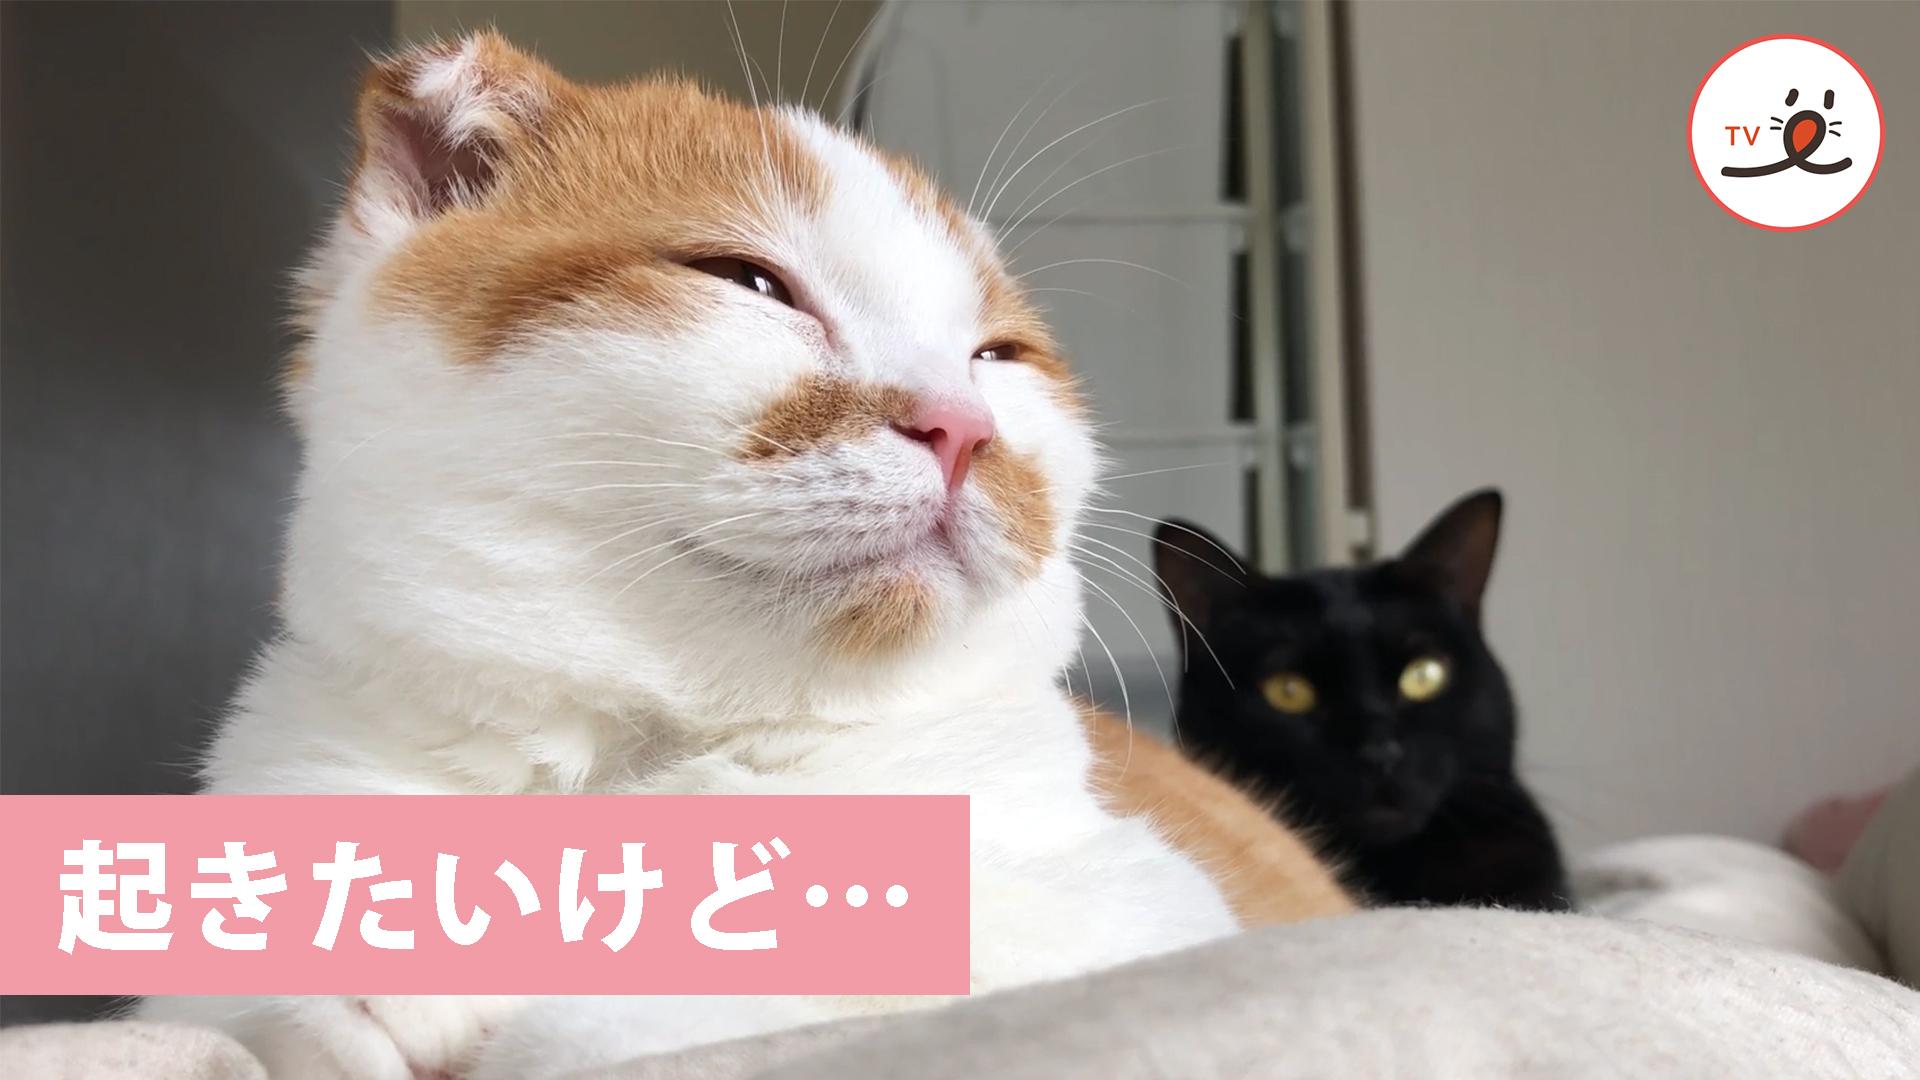 カワイすぎて遅刻しそう😻💦 寝起きの飼い主さんの上に乗る猫ちゃん💕